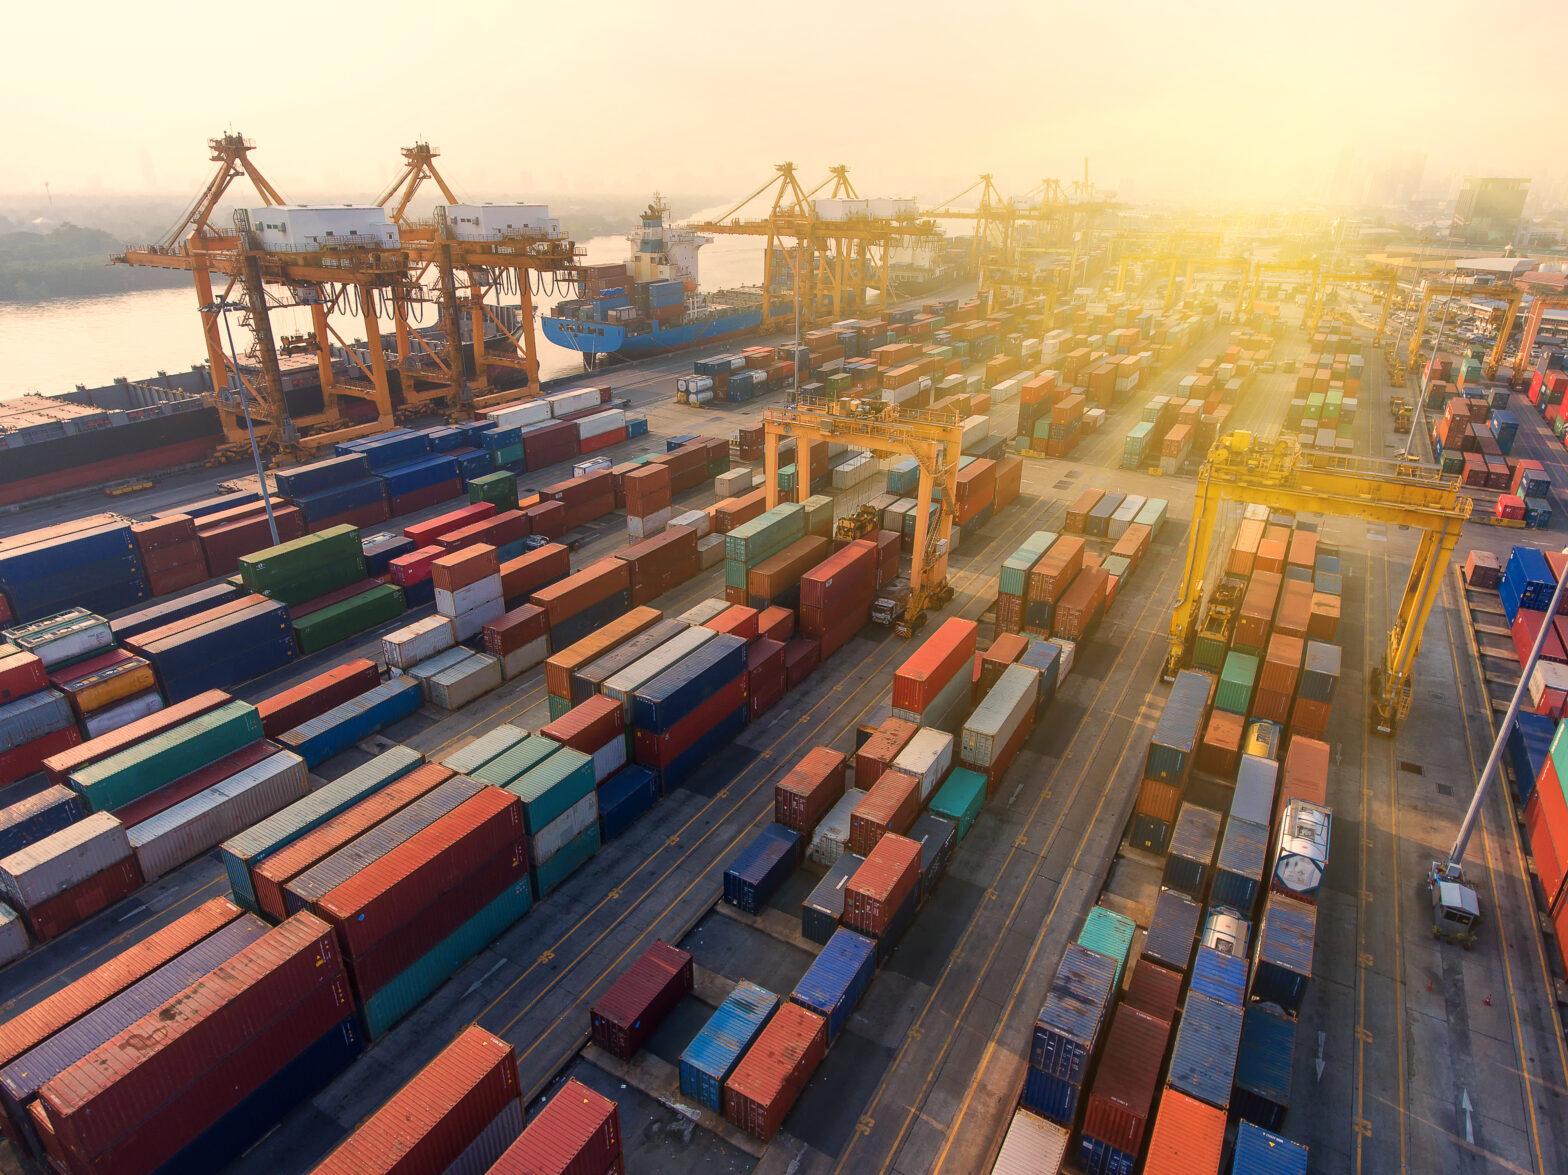 cargo container shipyard